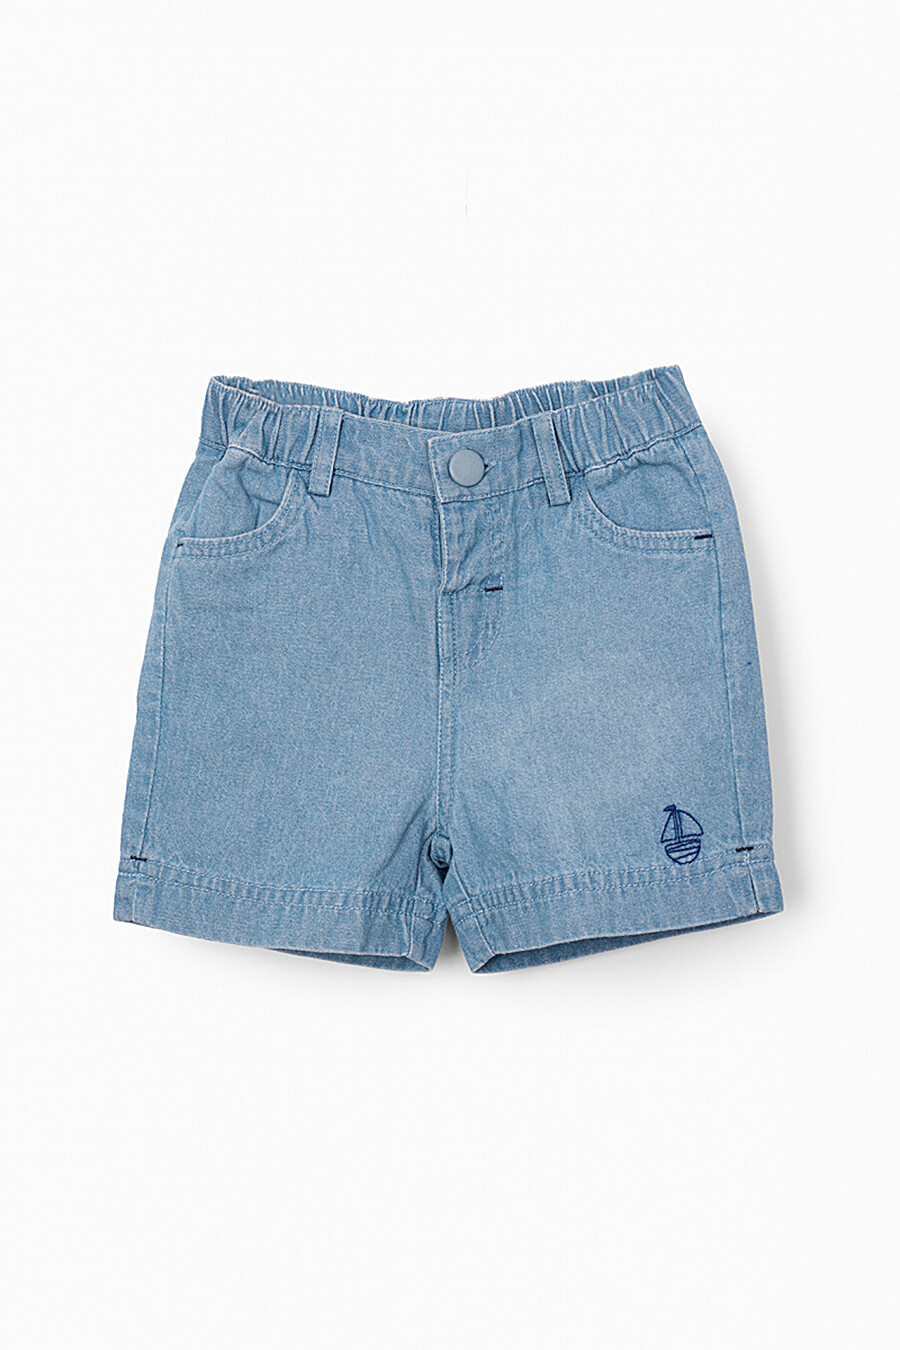 Шорты для мальчиков 5.10.15 668569 купить оптом от производителя. Совместная покупка детской одежды в OptMoyo